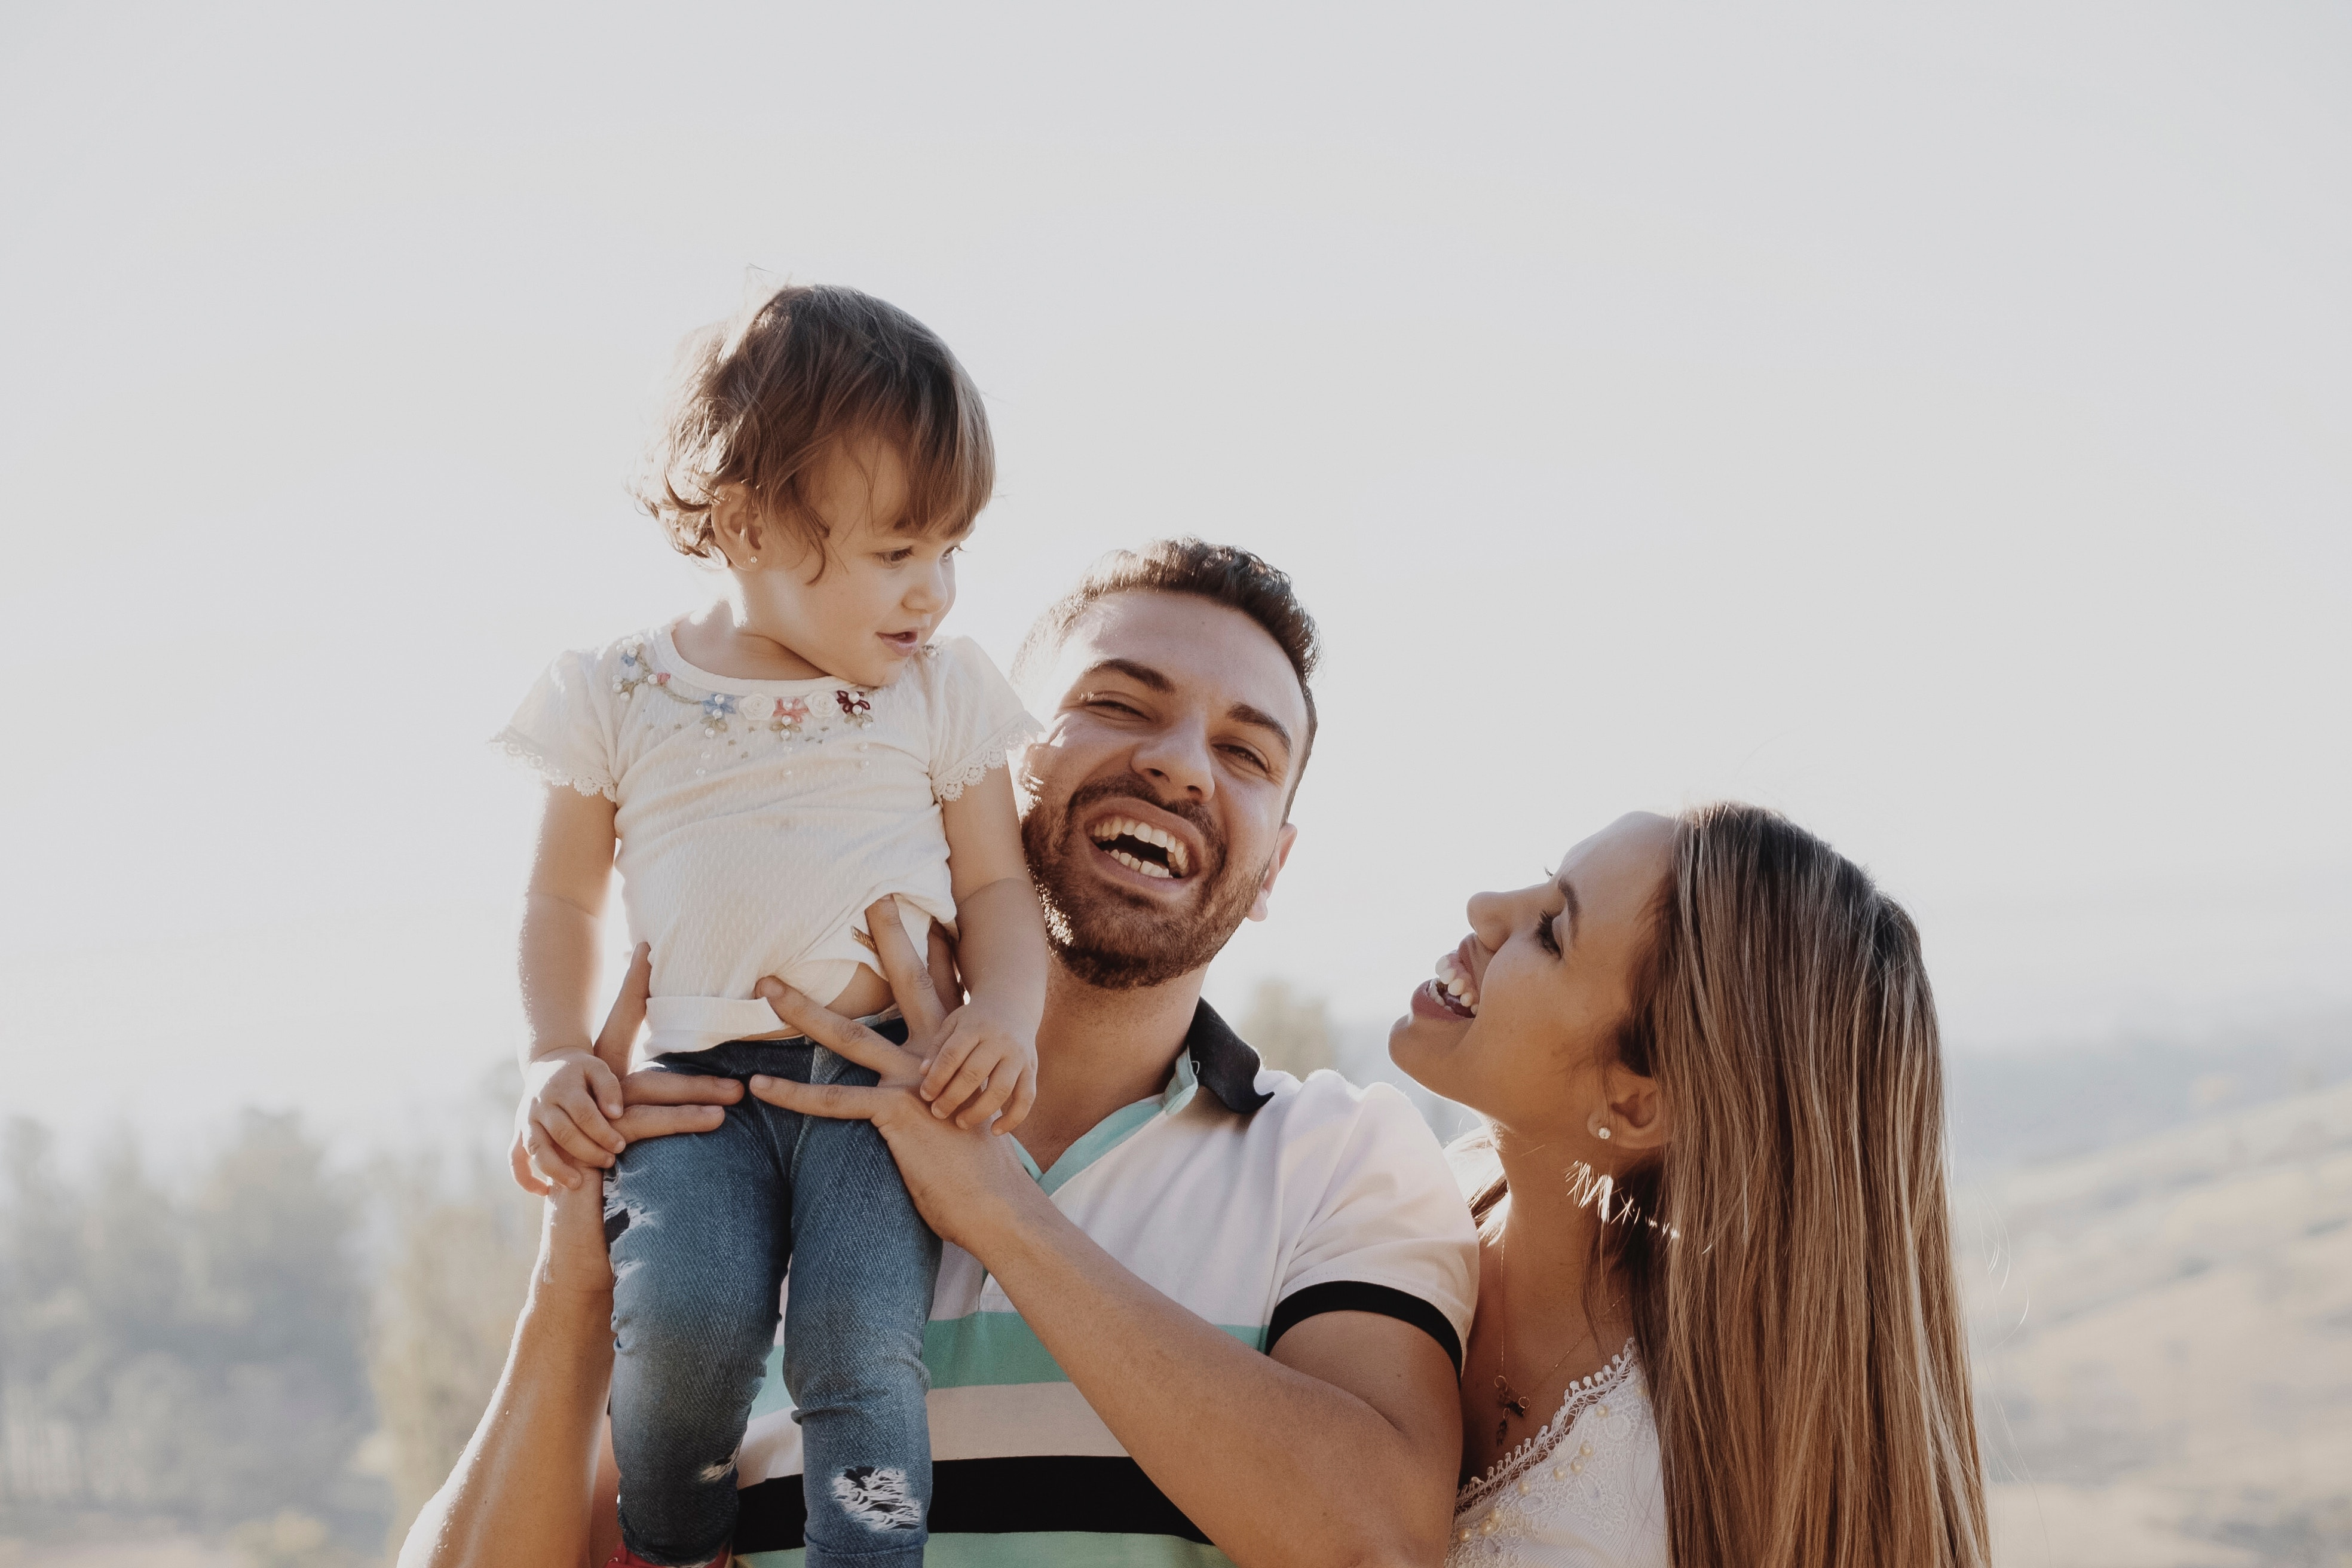 Wiedereinstieg in den Beruf nach der Elternzeit